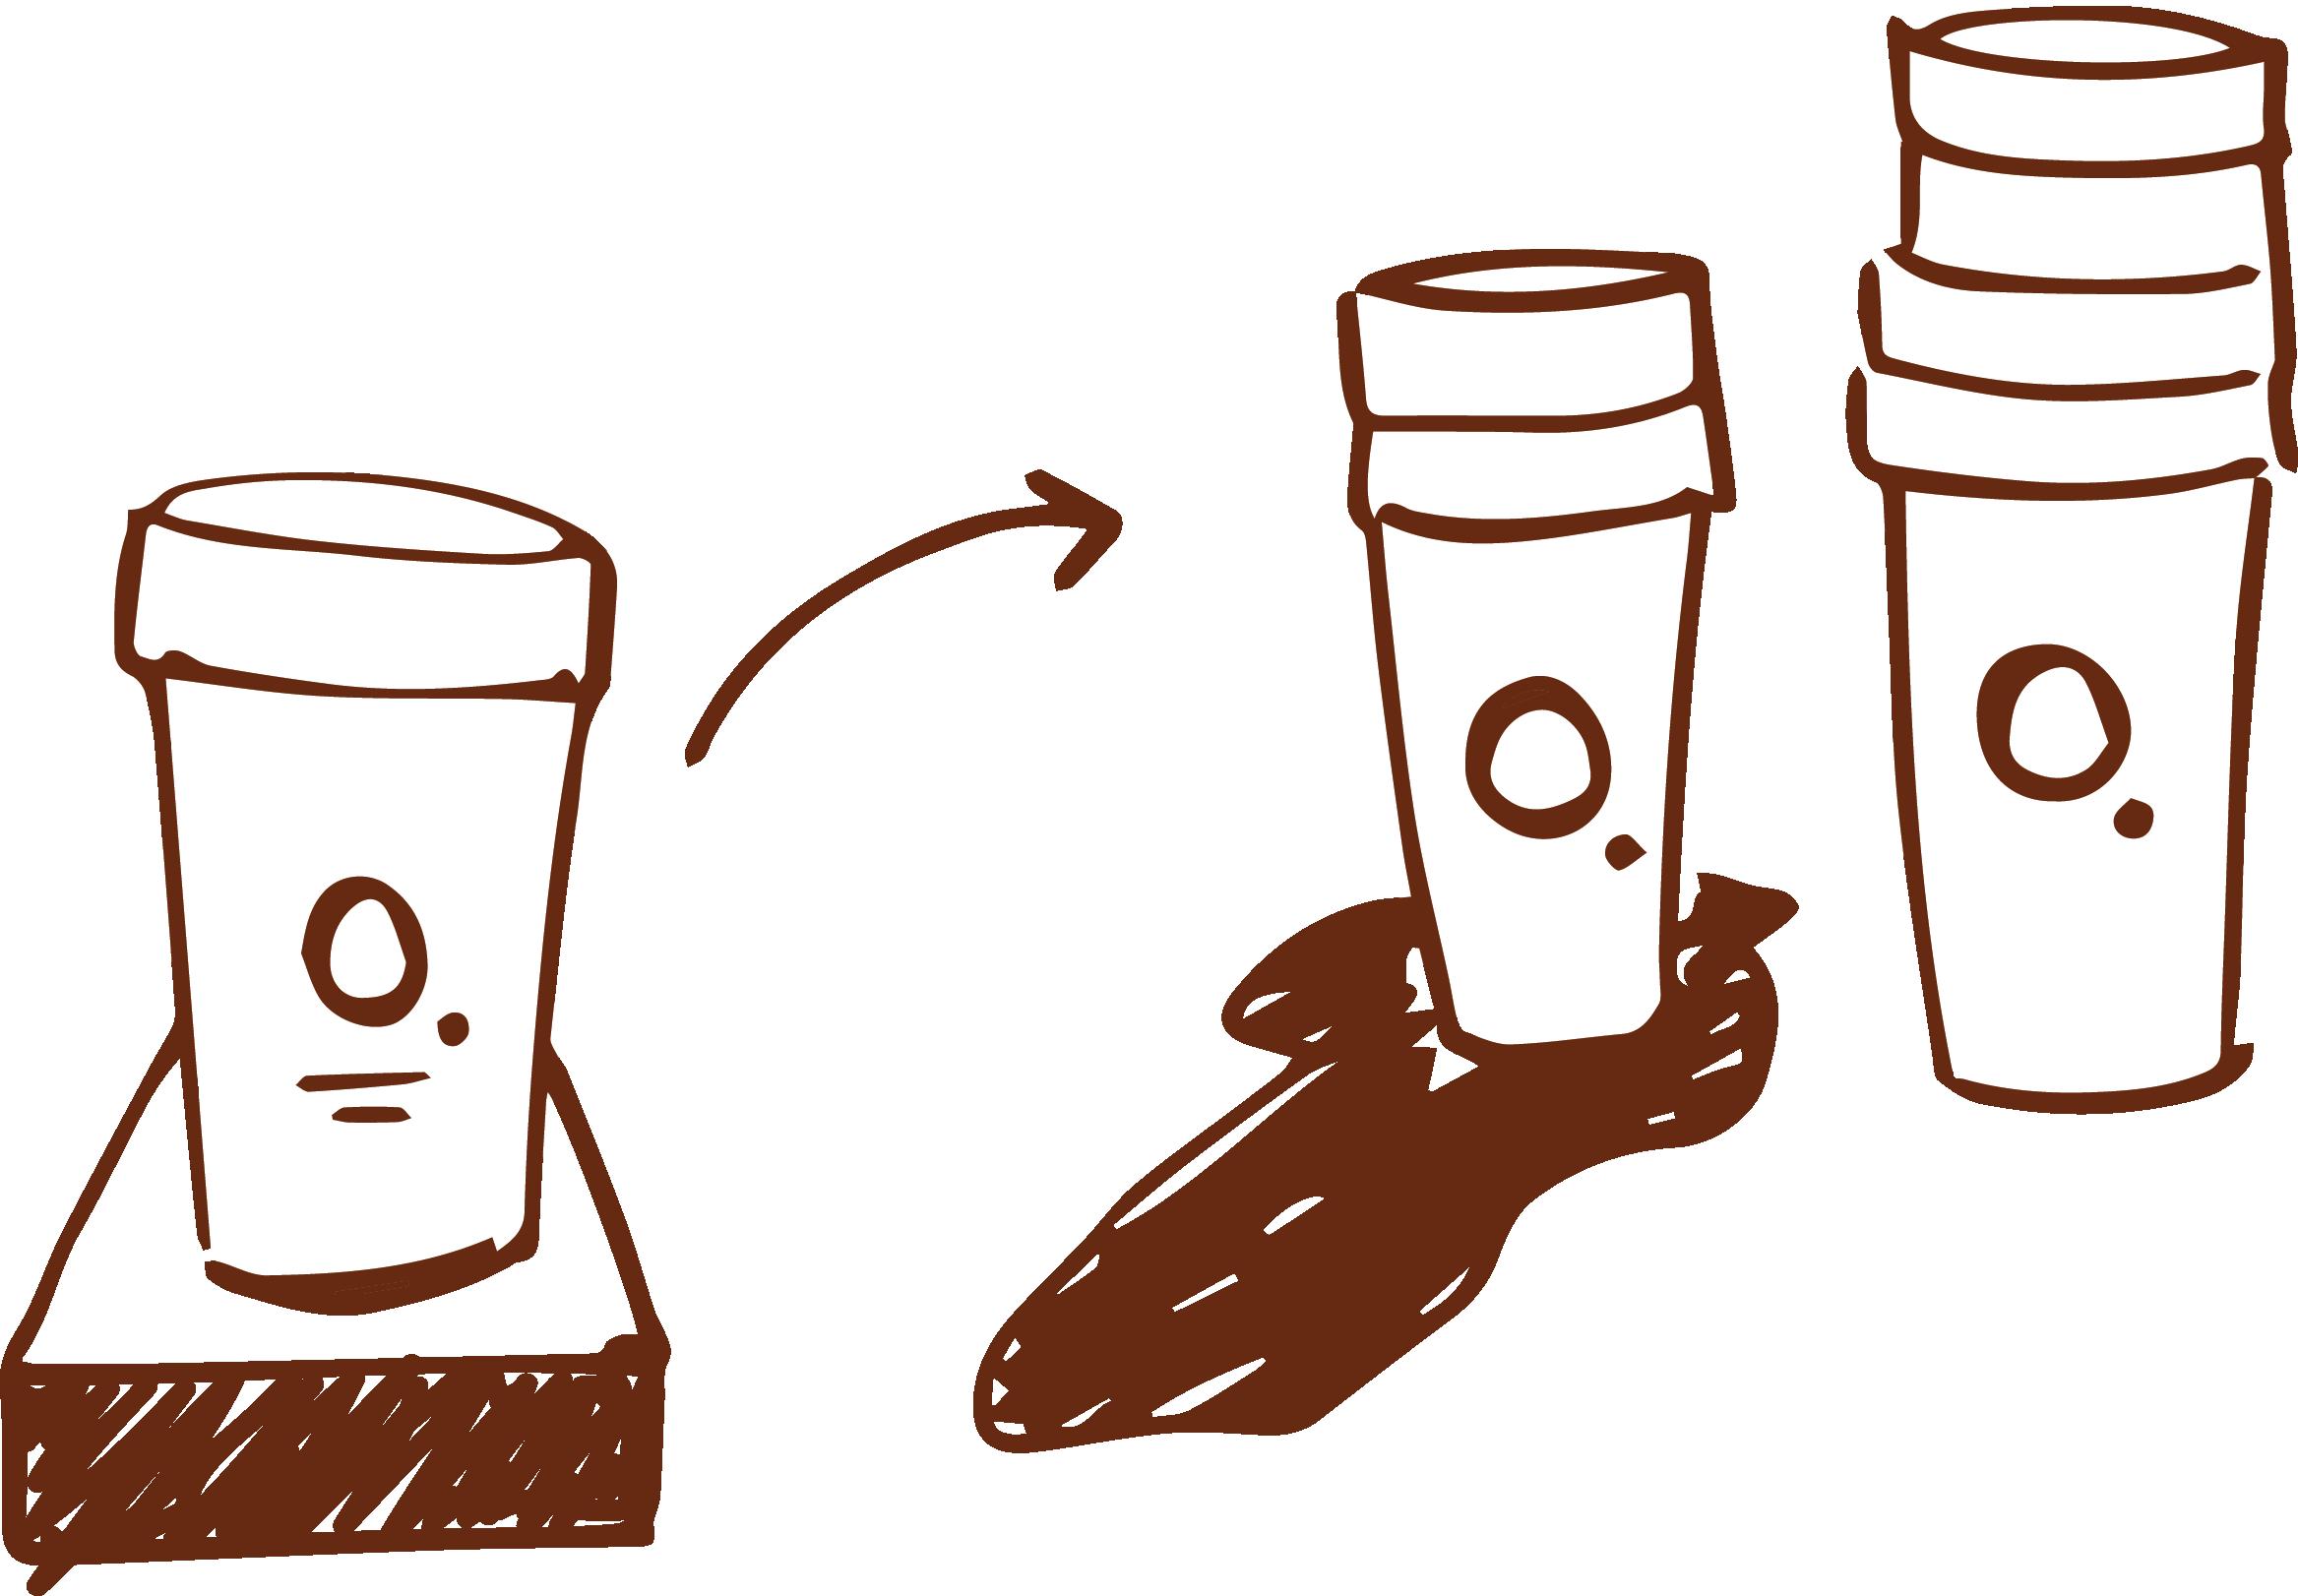 Return cups